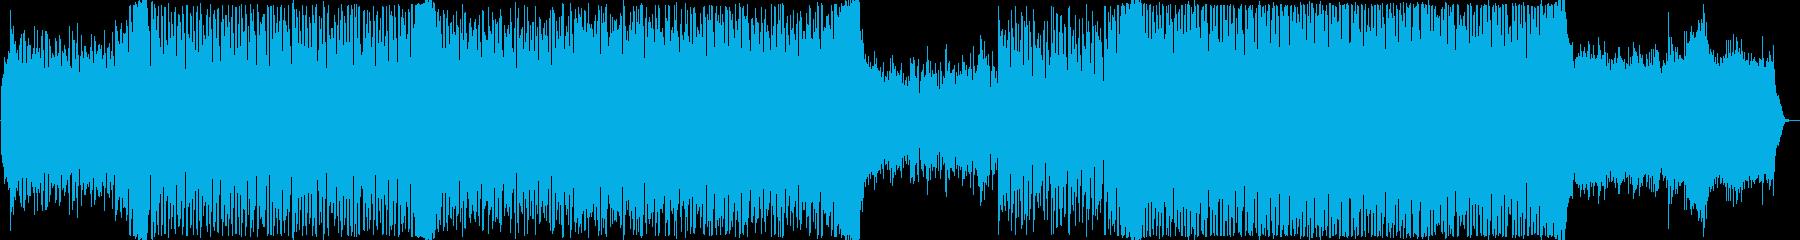 前向きな気分になるEDMの再生済みの波形